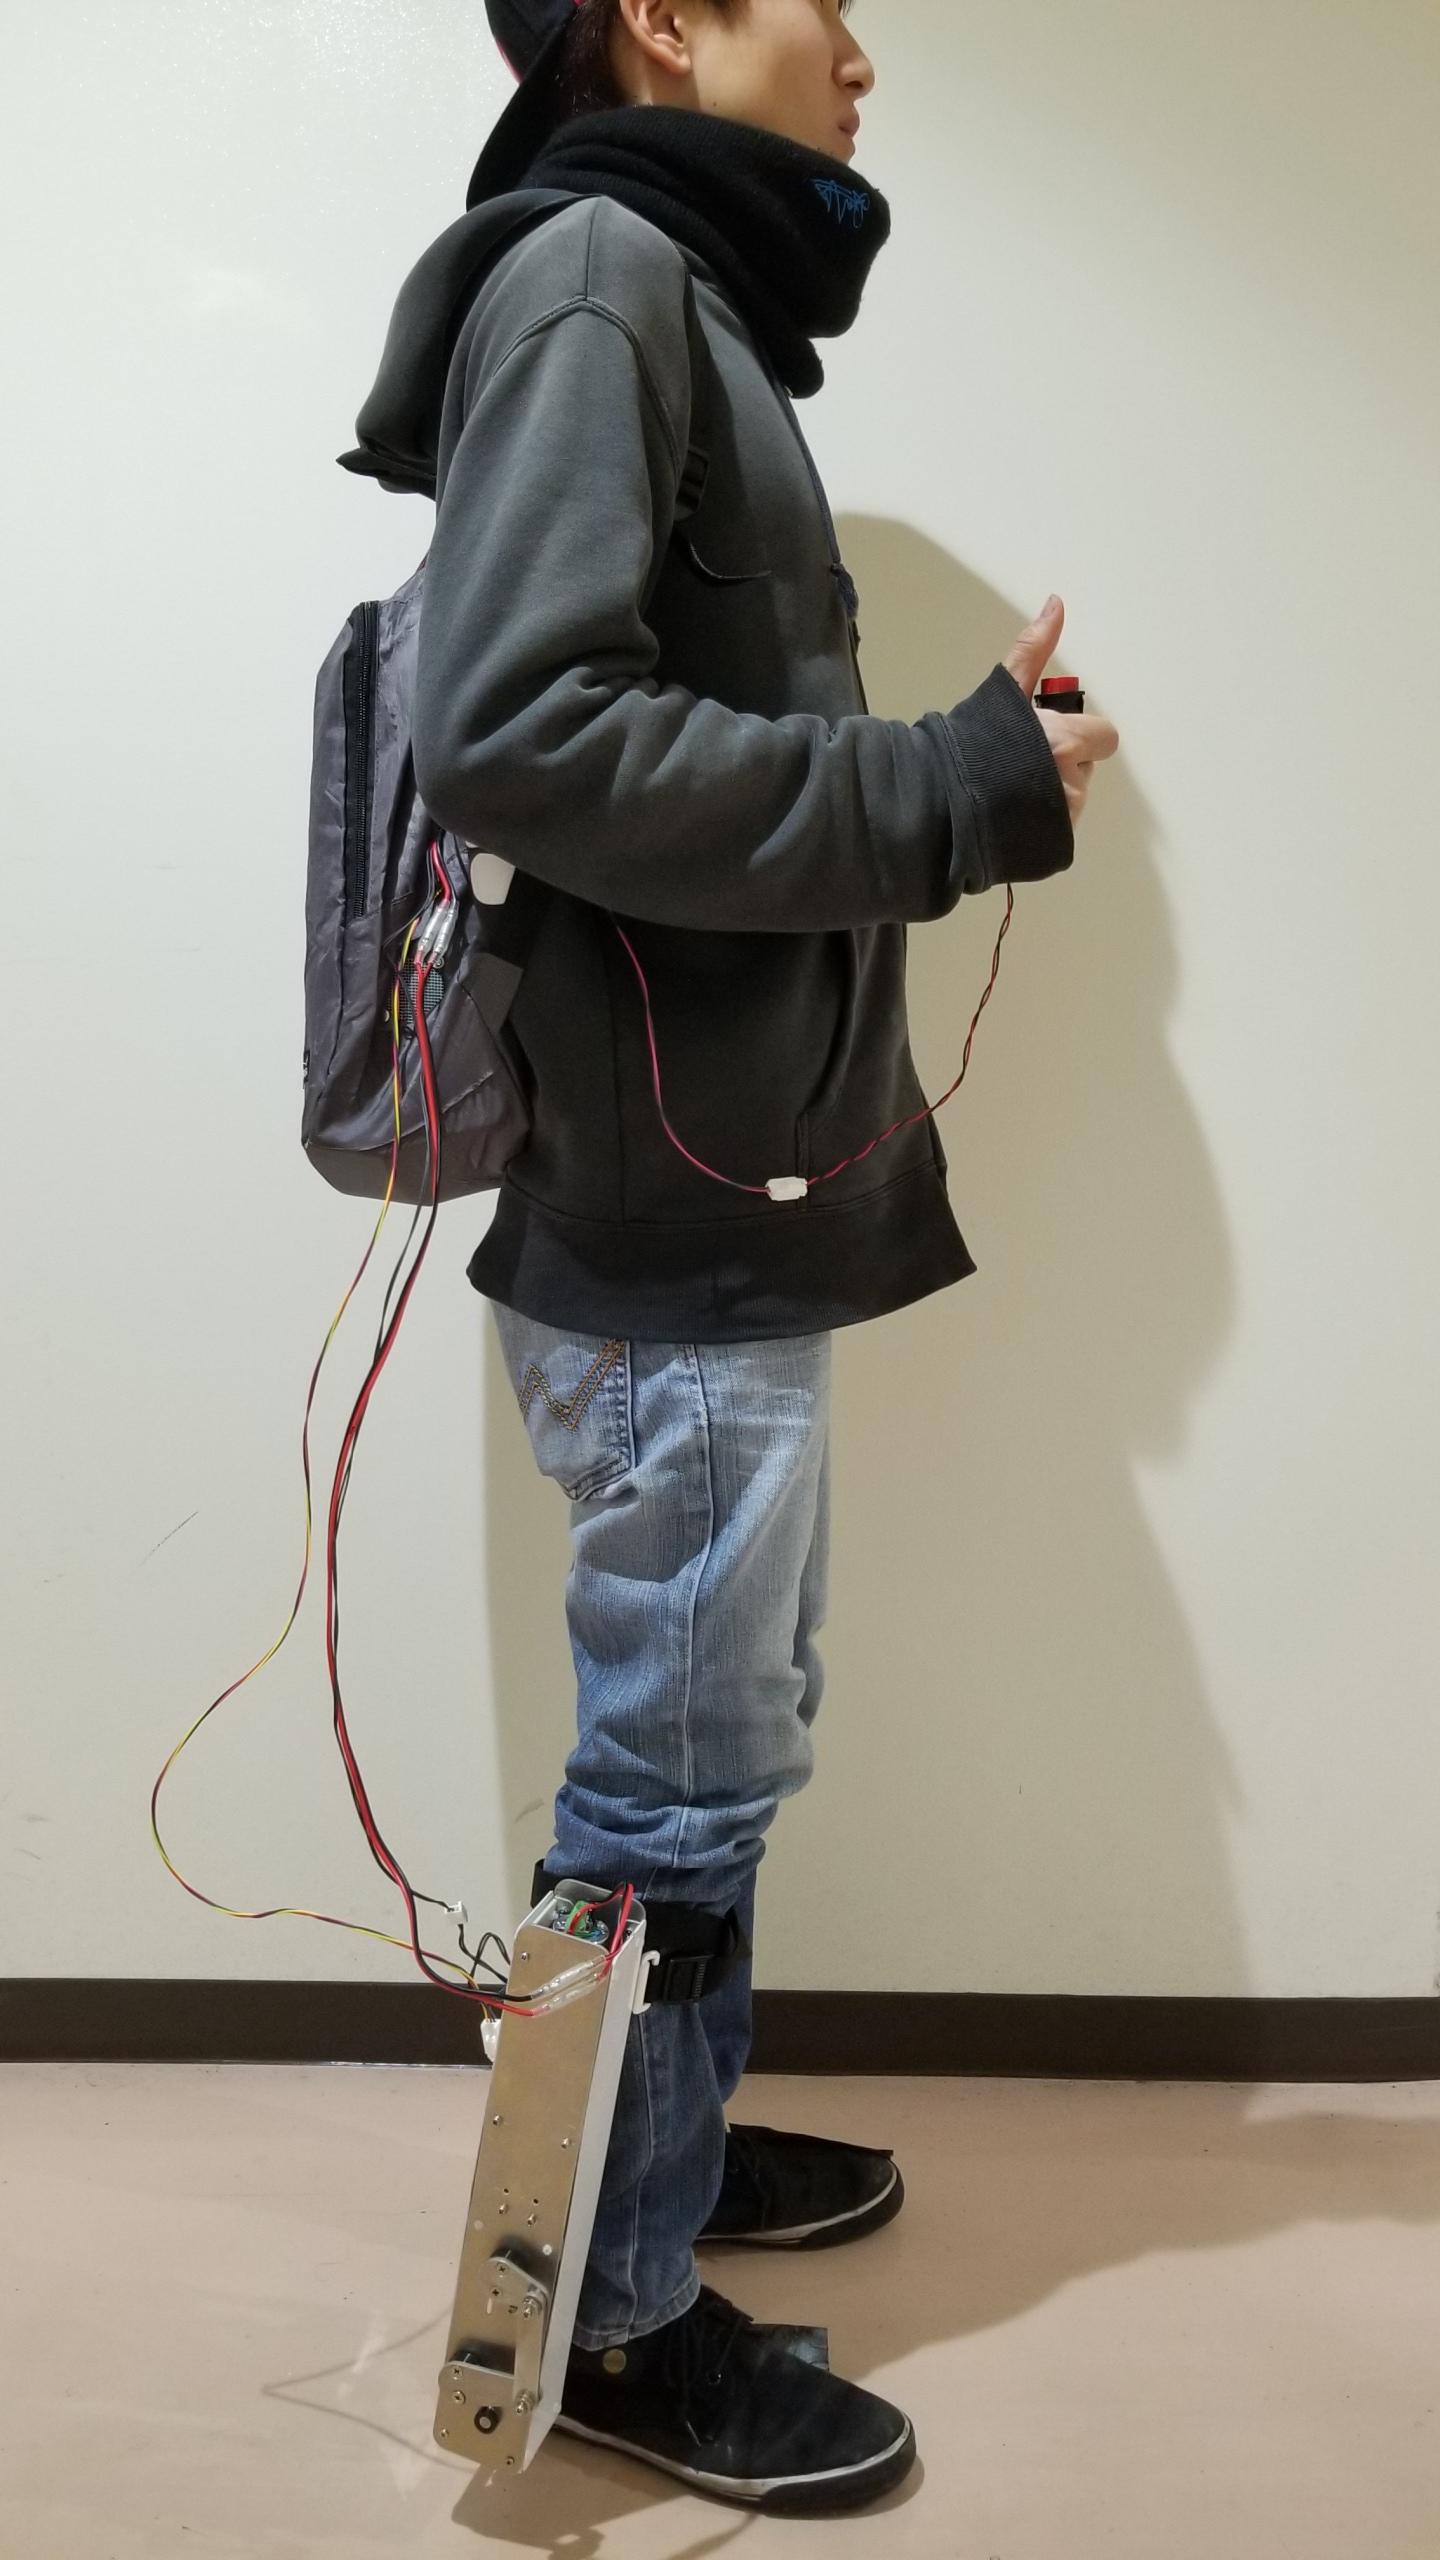 装着型歩行アシスト装置